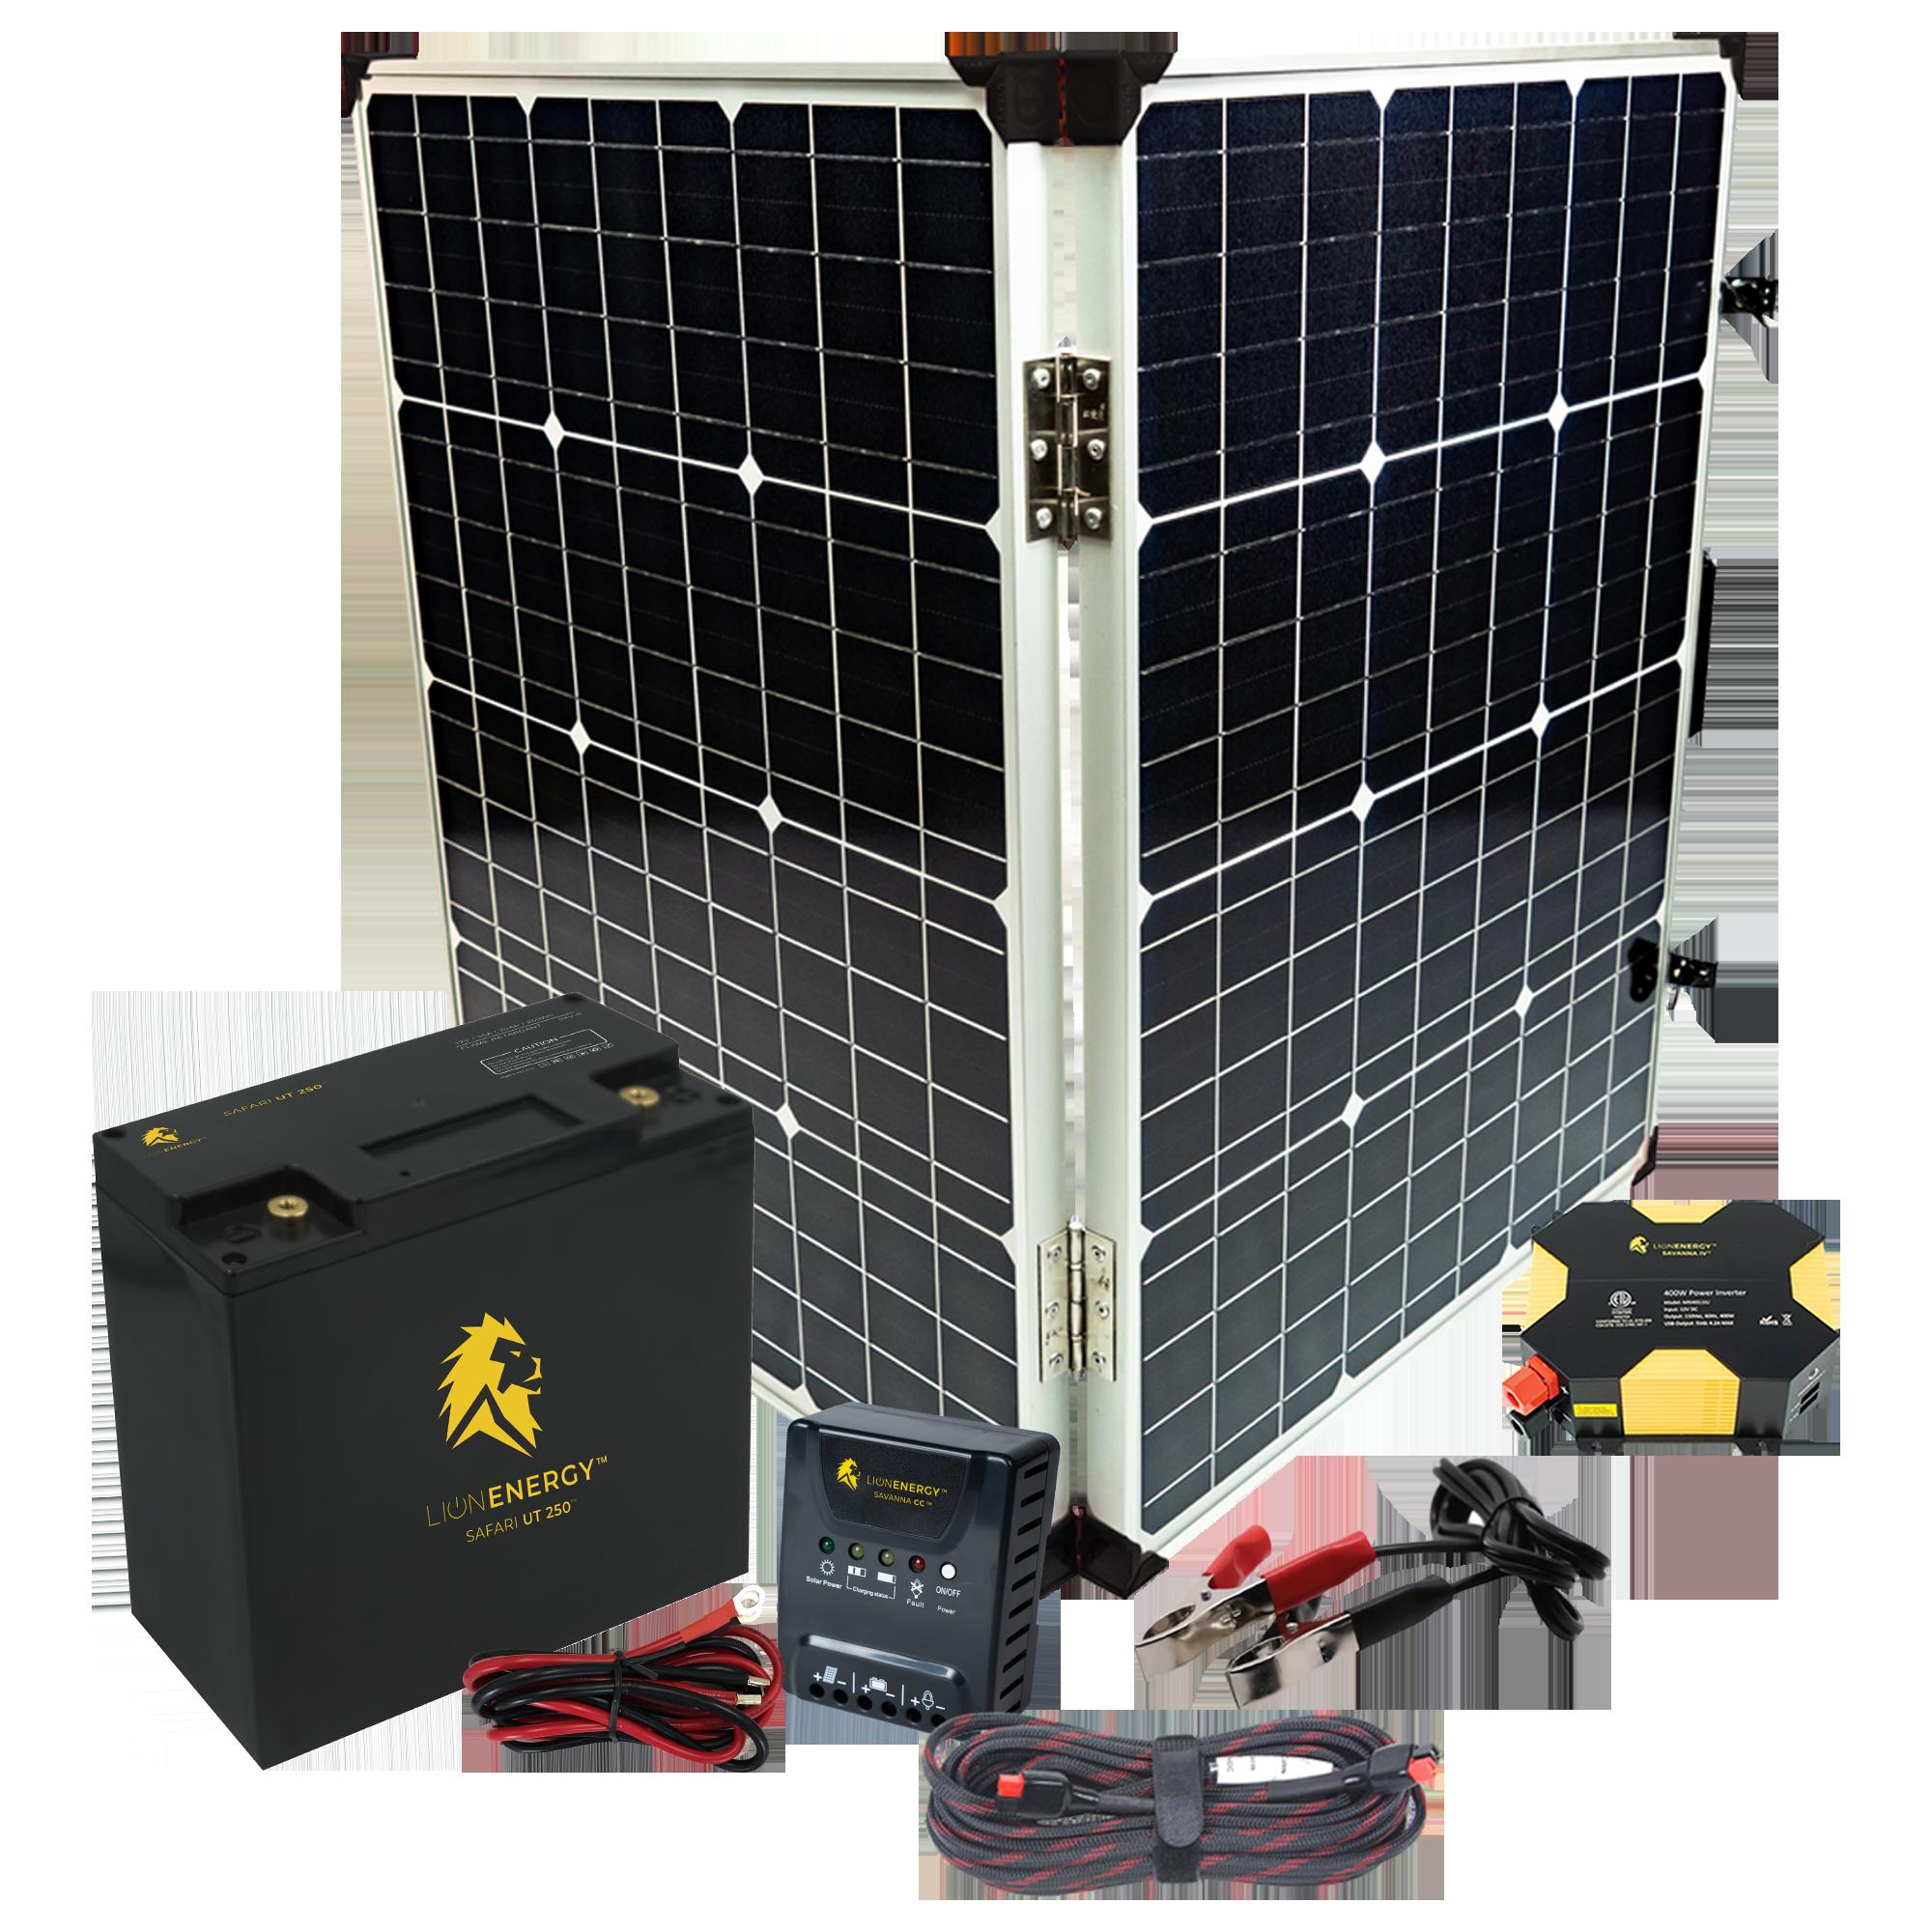 Beginner DIY Solar Power Kit